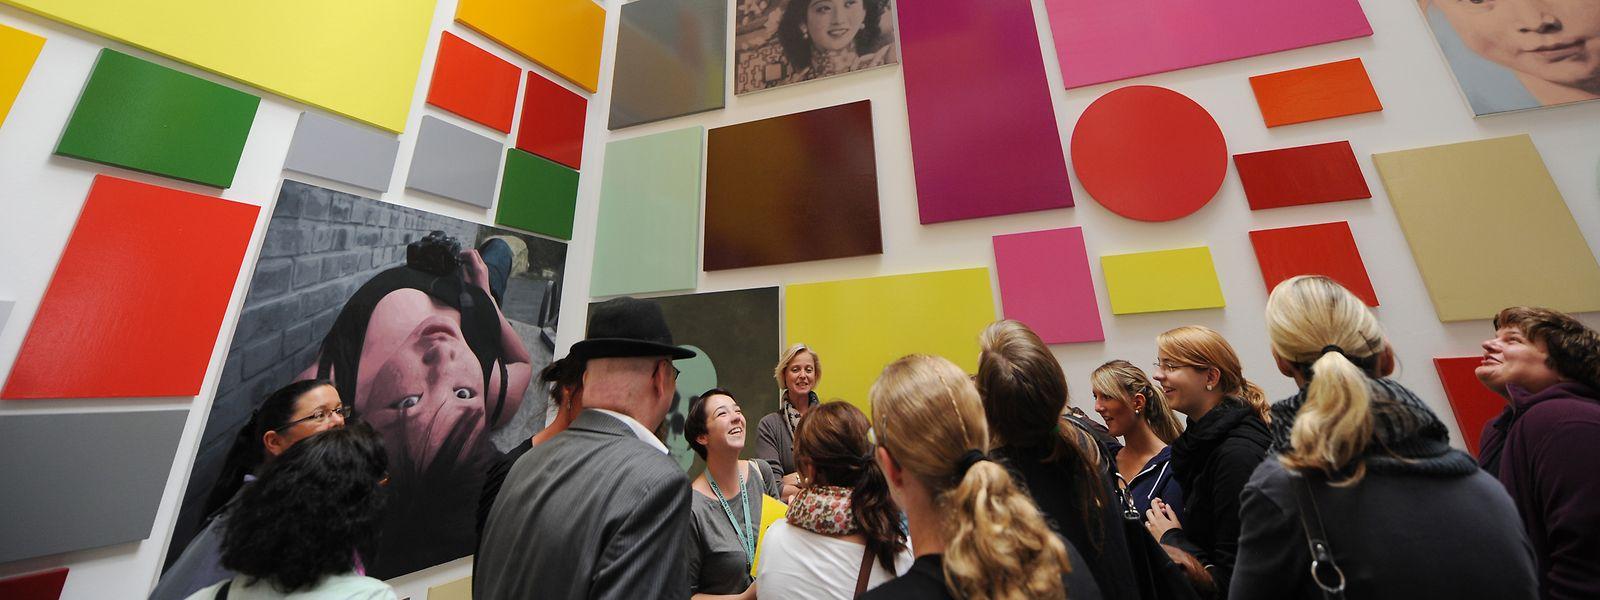 Dudelange va conforter son image culturelle via l'ouverture de cette Galerie et d'autres structures autour.